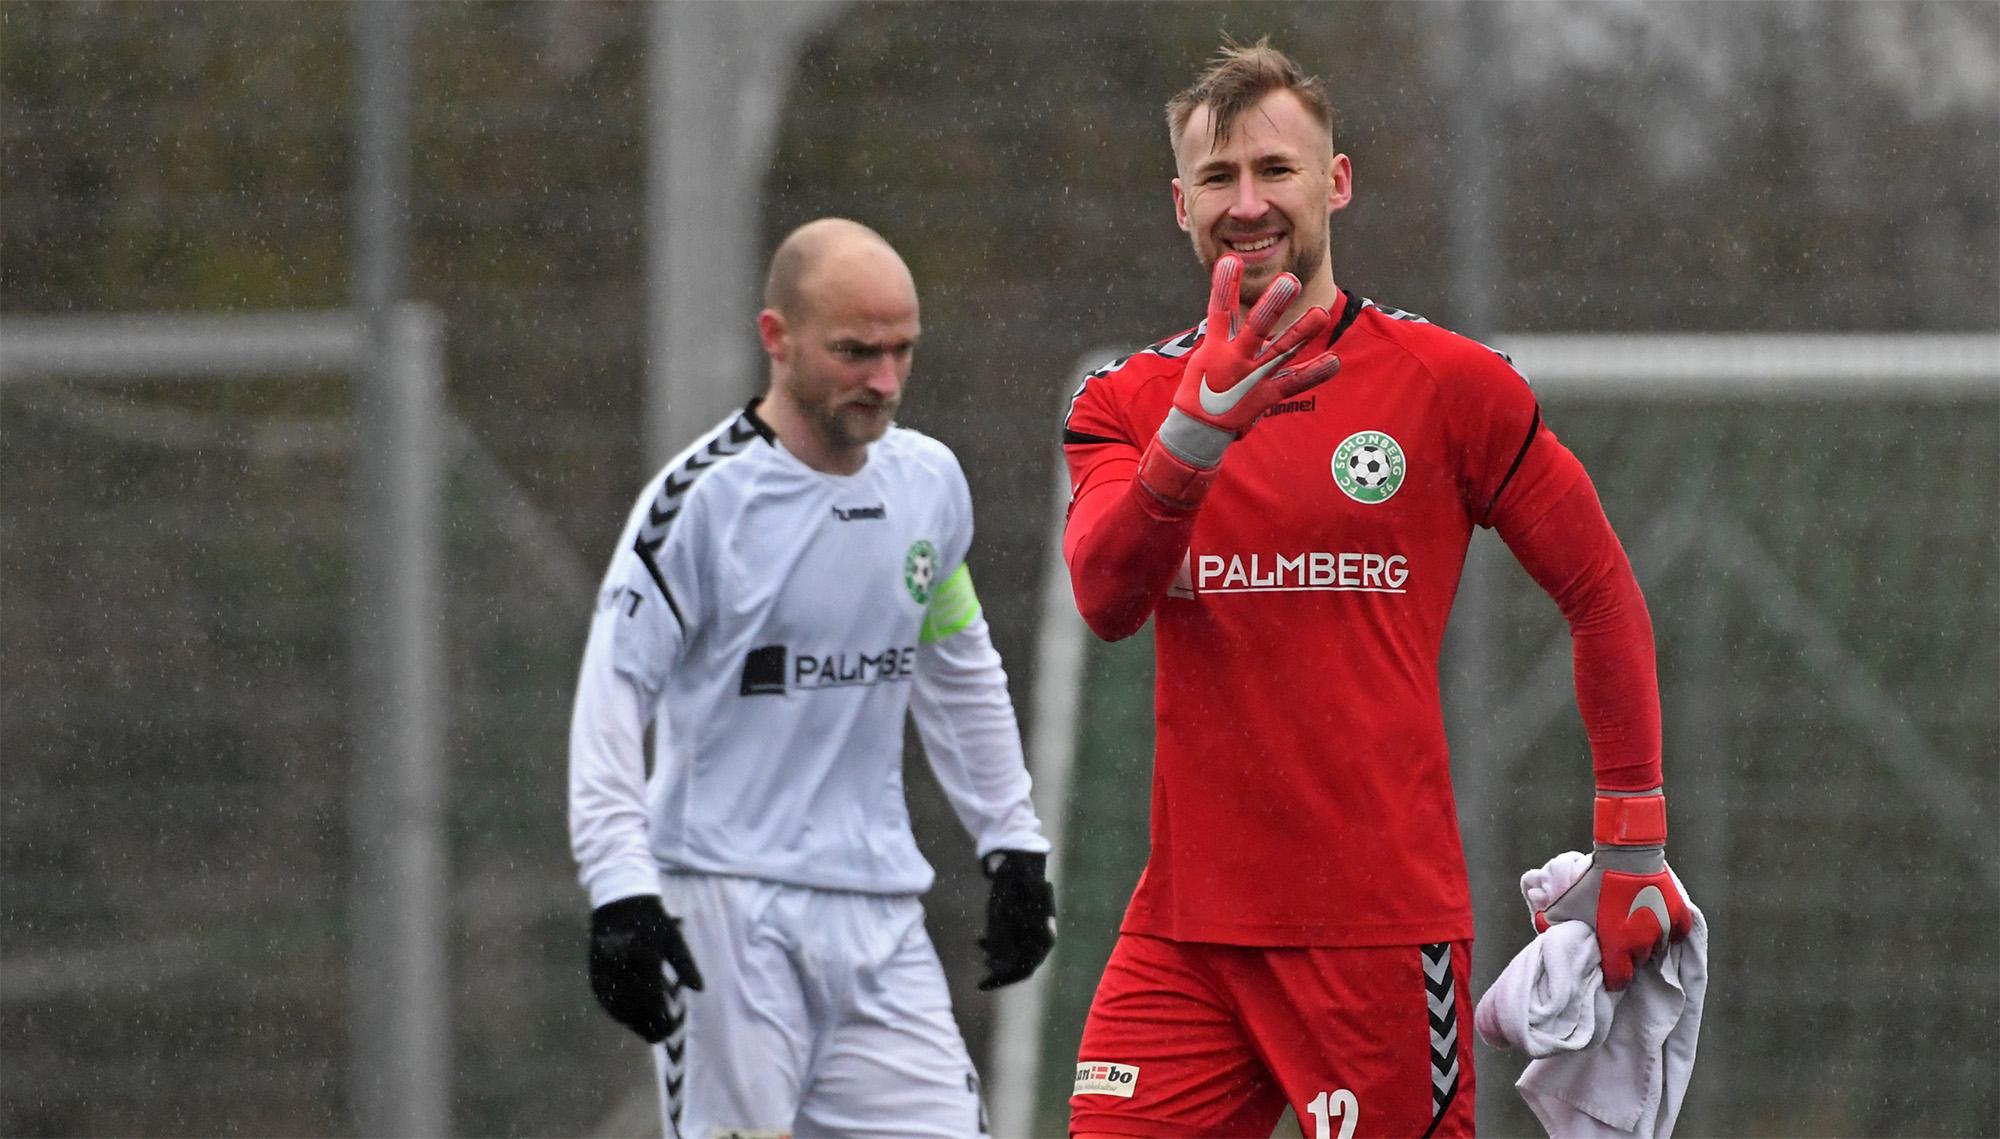 Unser Torwart Przemyslaw Szymura freut sich über das 4. Spiel ohne Gegentor in Folge.